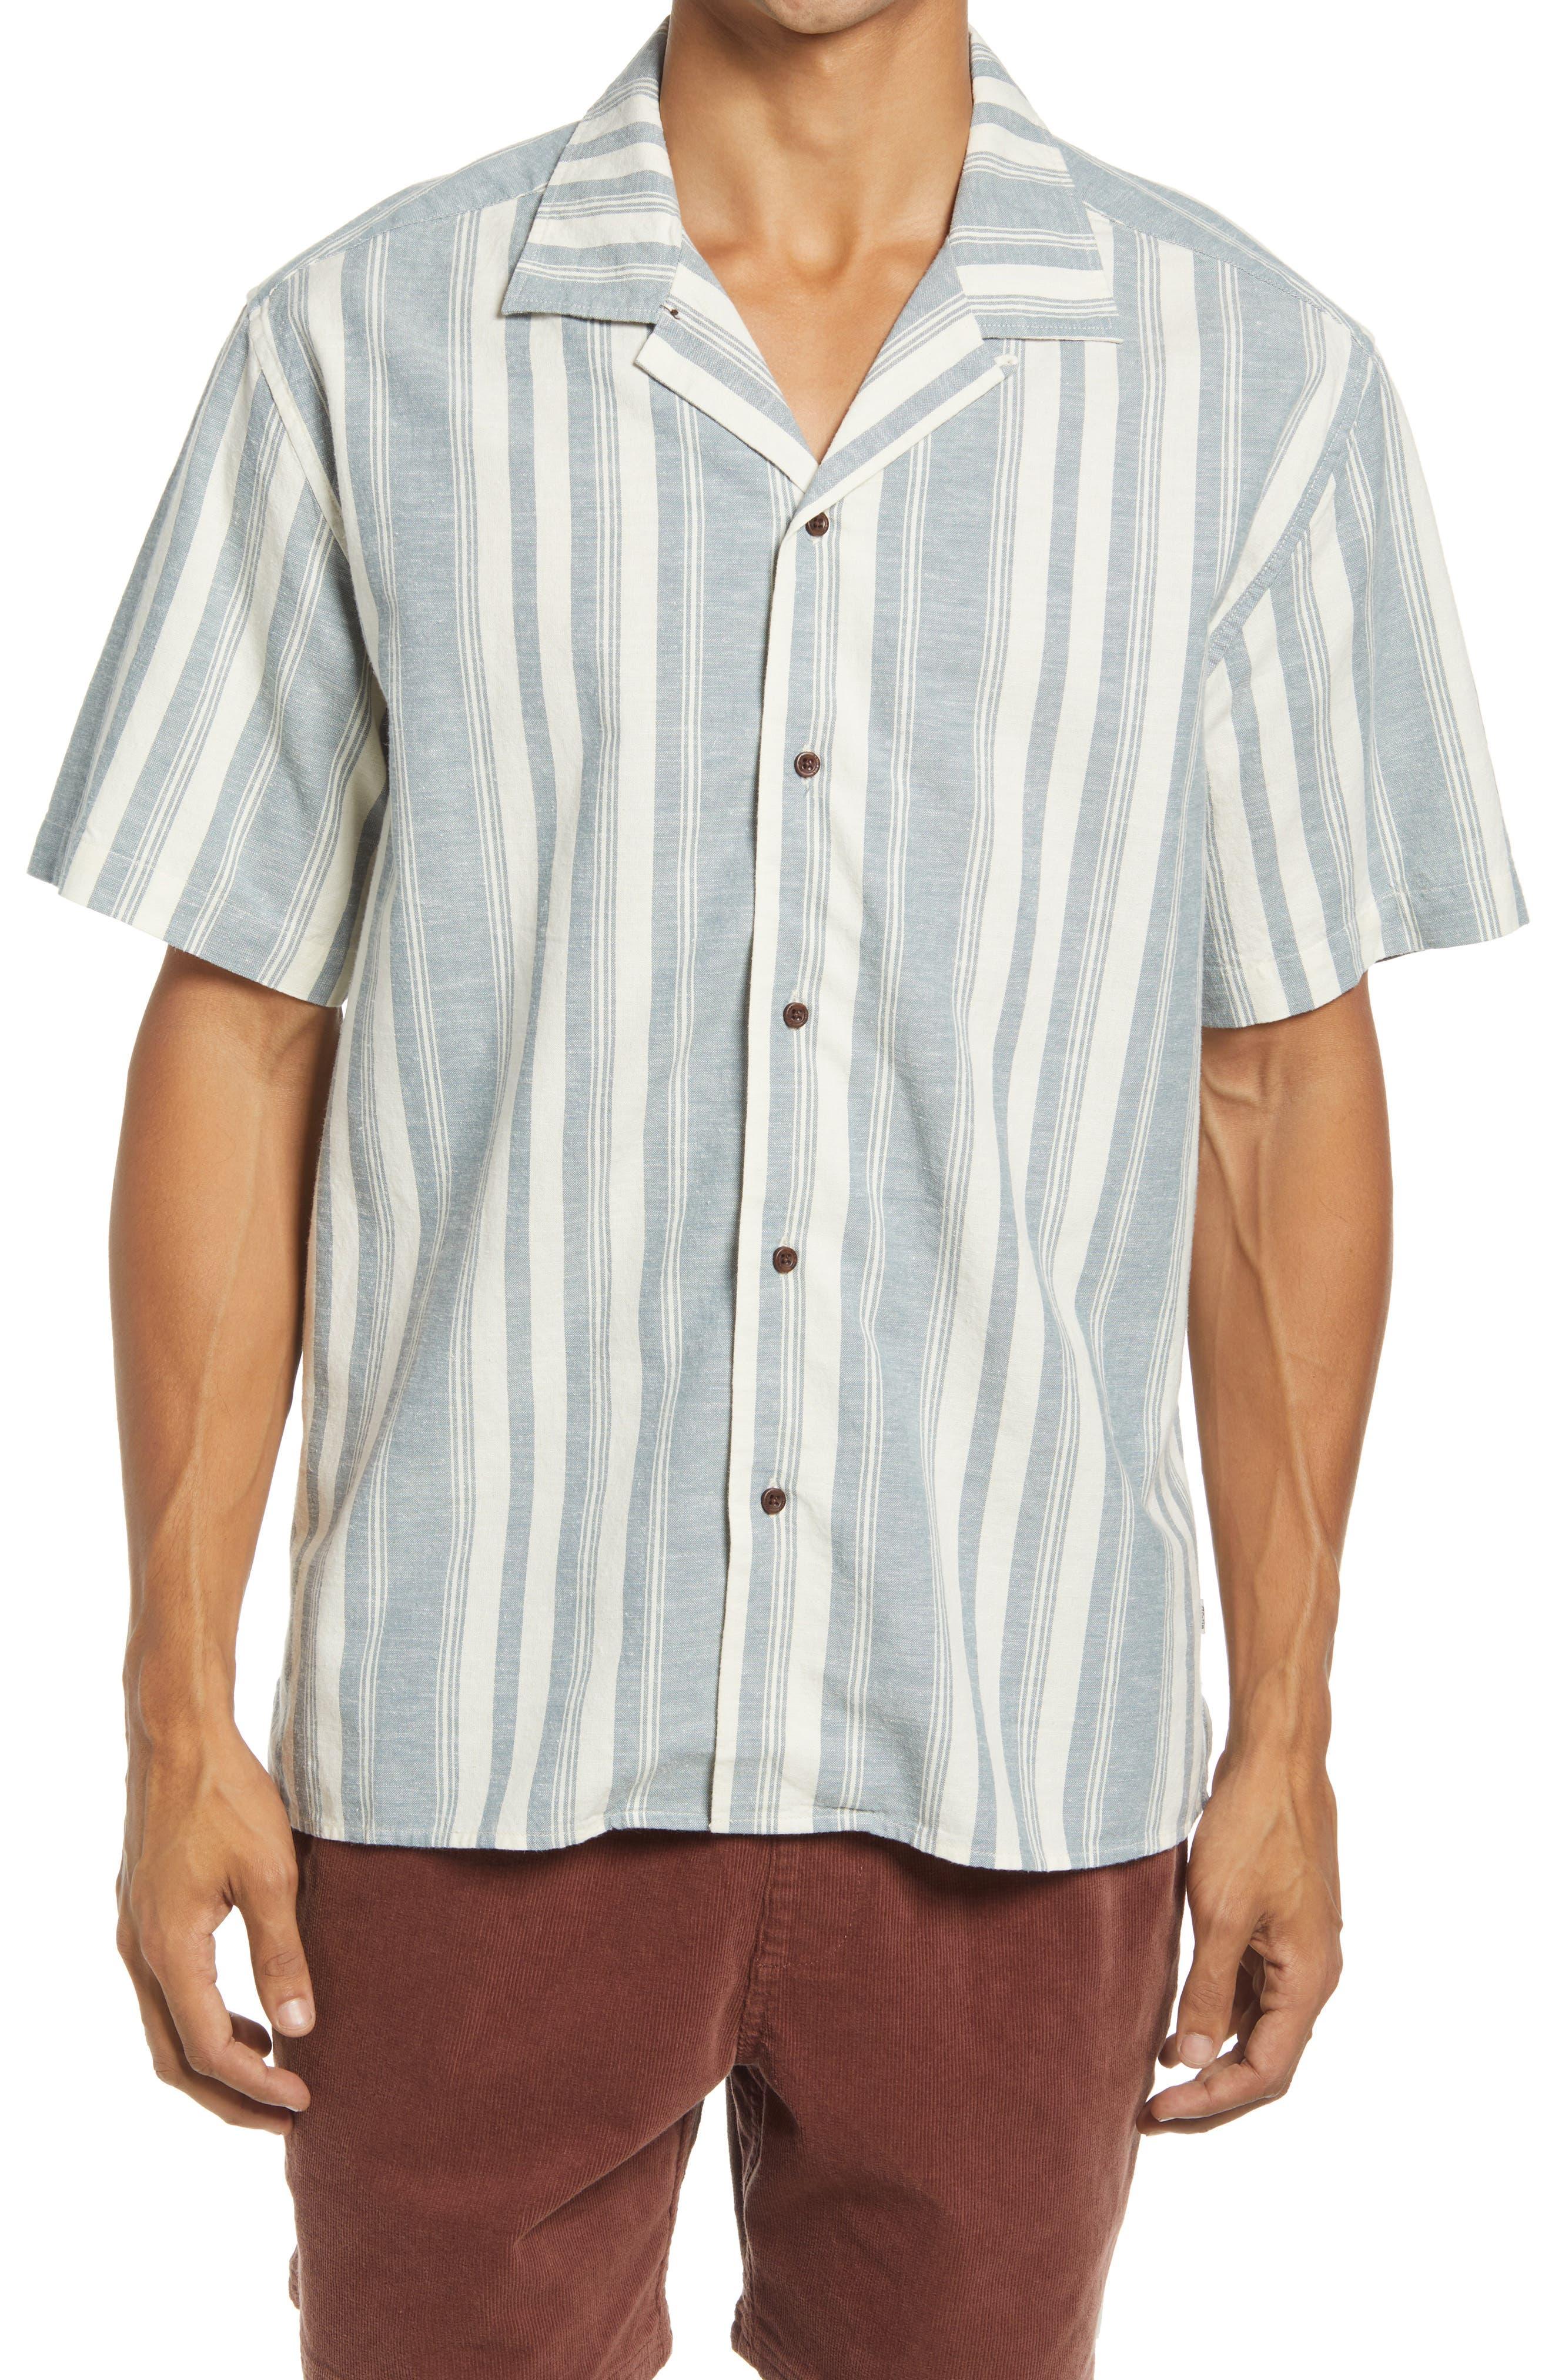 Stripe Short Sleeve Cotton & Linen Button-Up Shirt